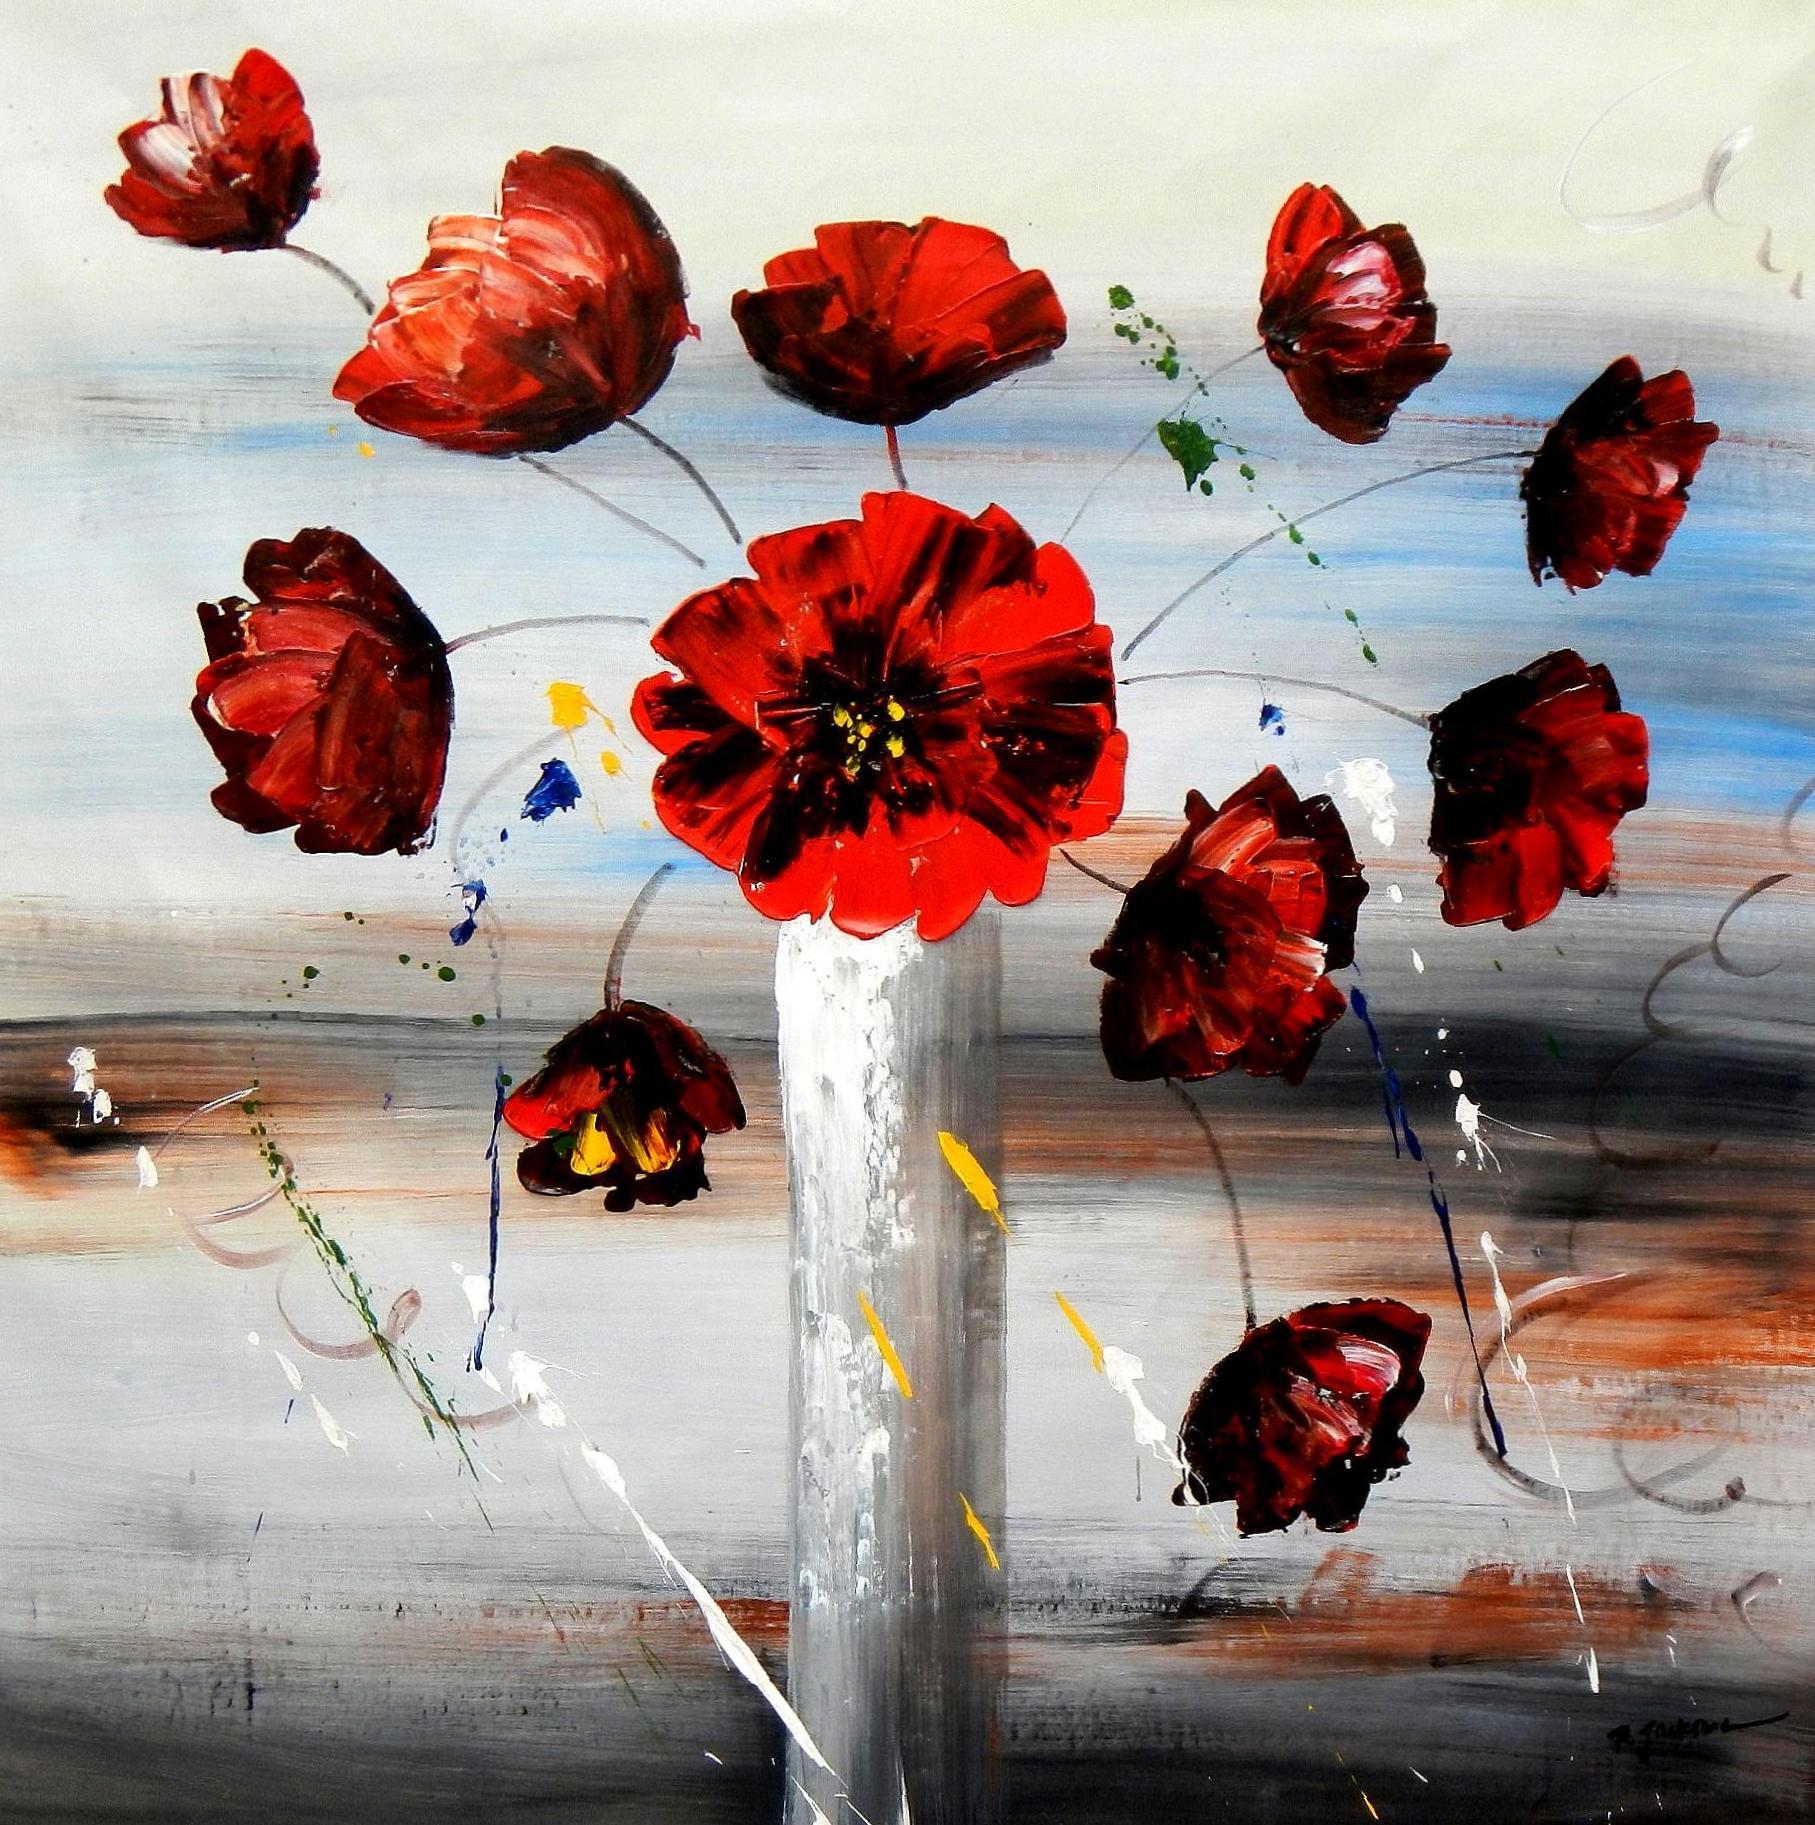 Modern Art - Buntes Blumenvasen Stillleben m94470 120x120cm modernes Ölgemälde